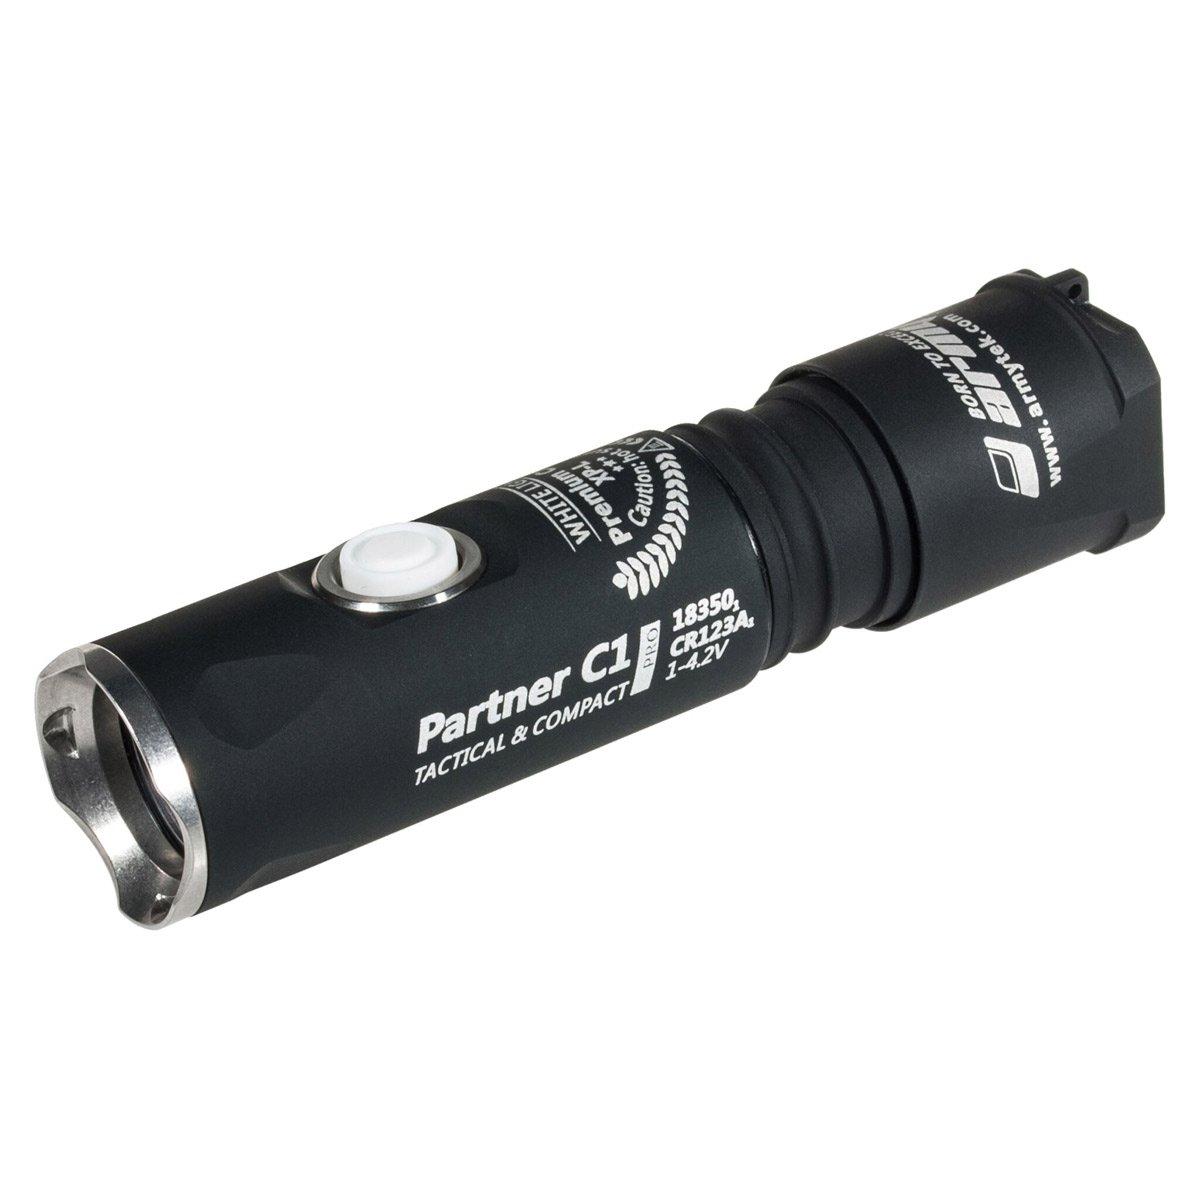 Armytek Partner C1 Pro XP-L (weiß) - 800 Lumen mit 131 Metern Reichweite - Taschenlampe mit Holster, Schlaufe und Clip